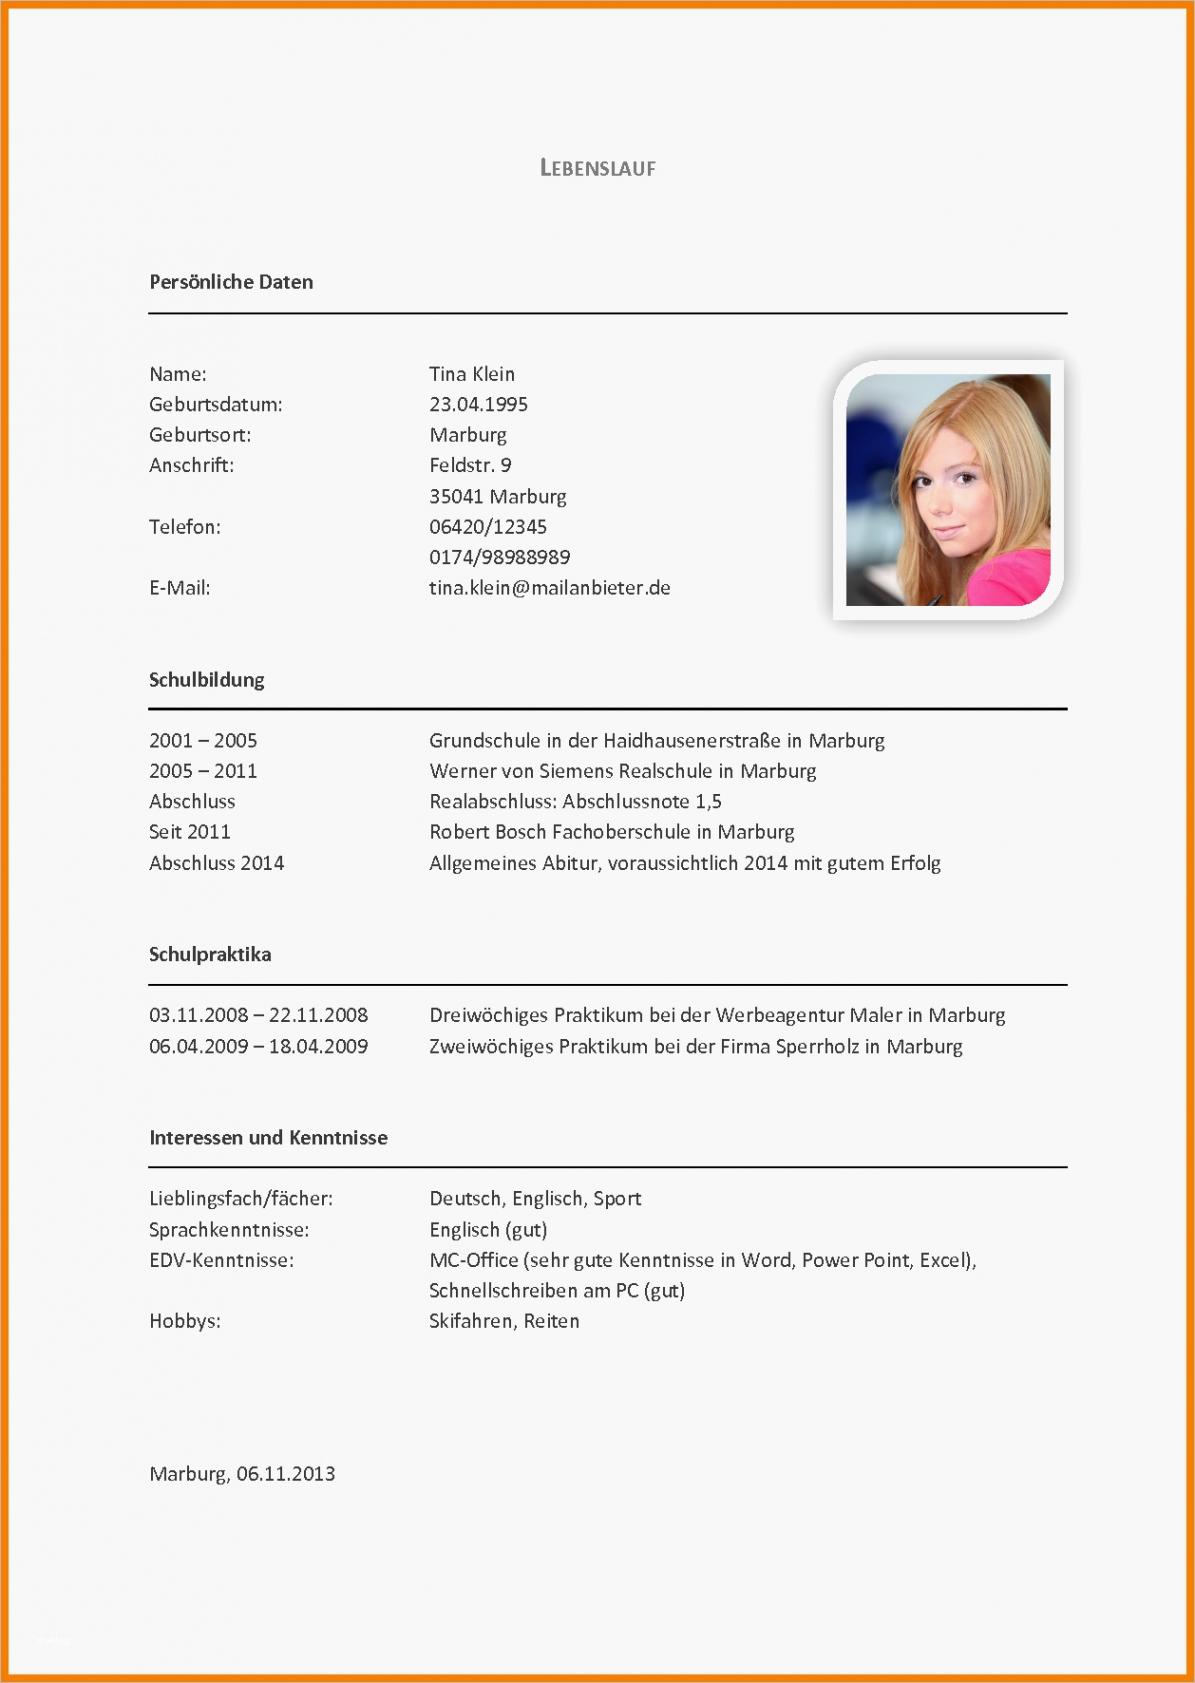 Eine Probe von  12+ Lebenslauf Beispiel Deutsch  Commlinks Lebenslauf Vorlage Uzh